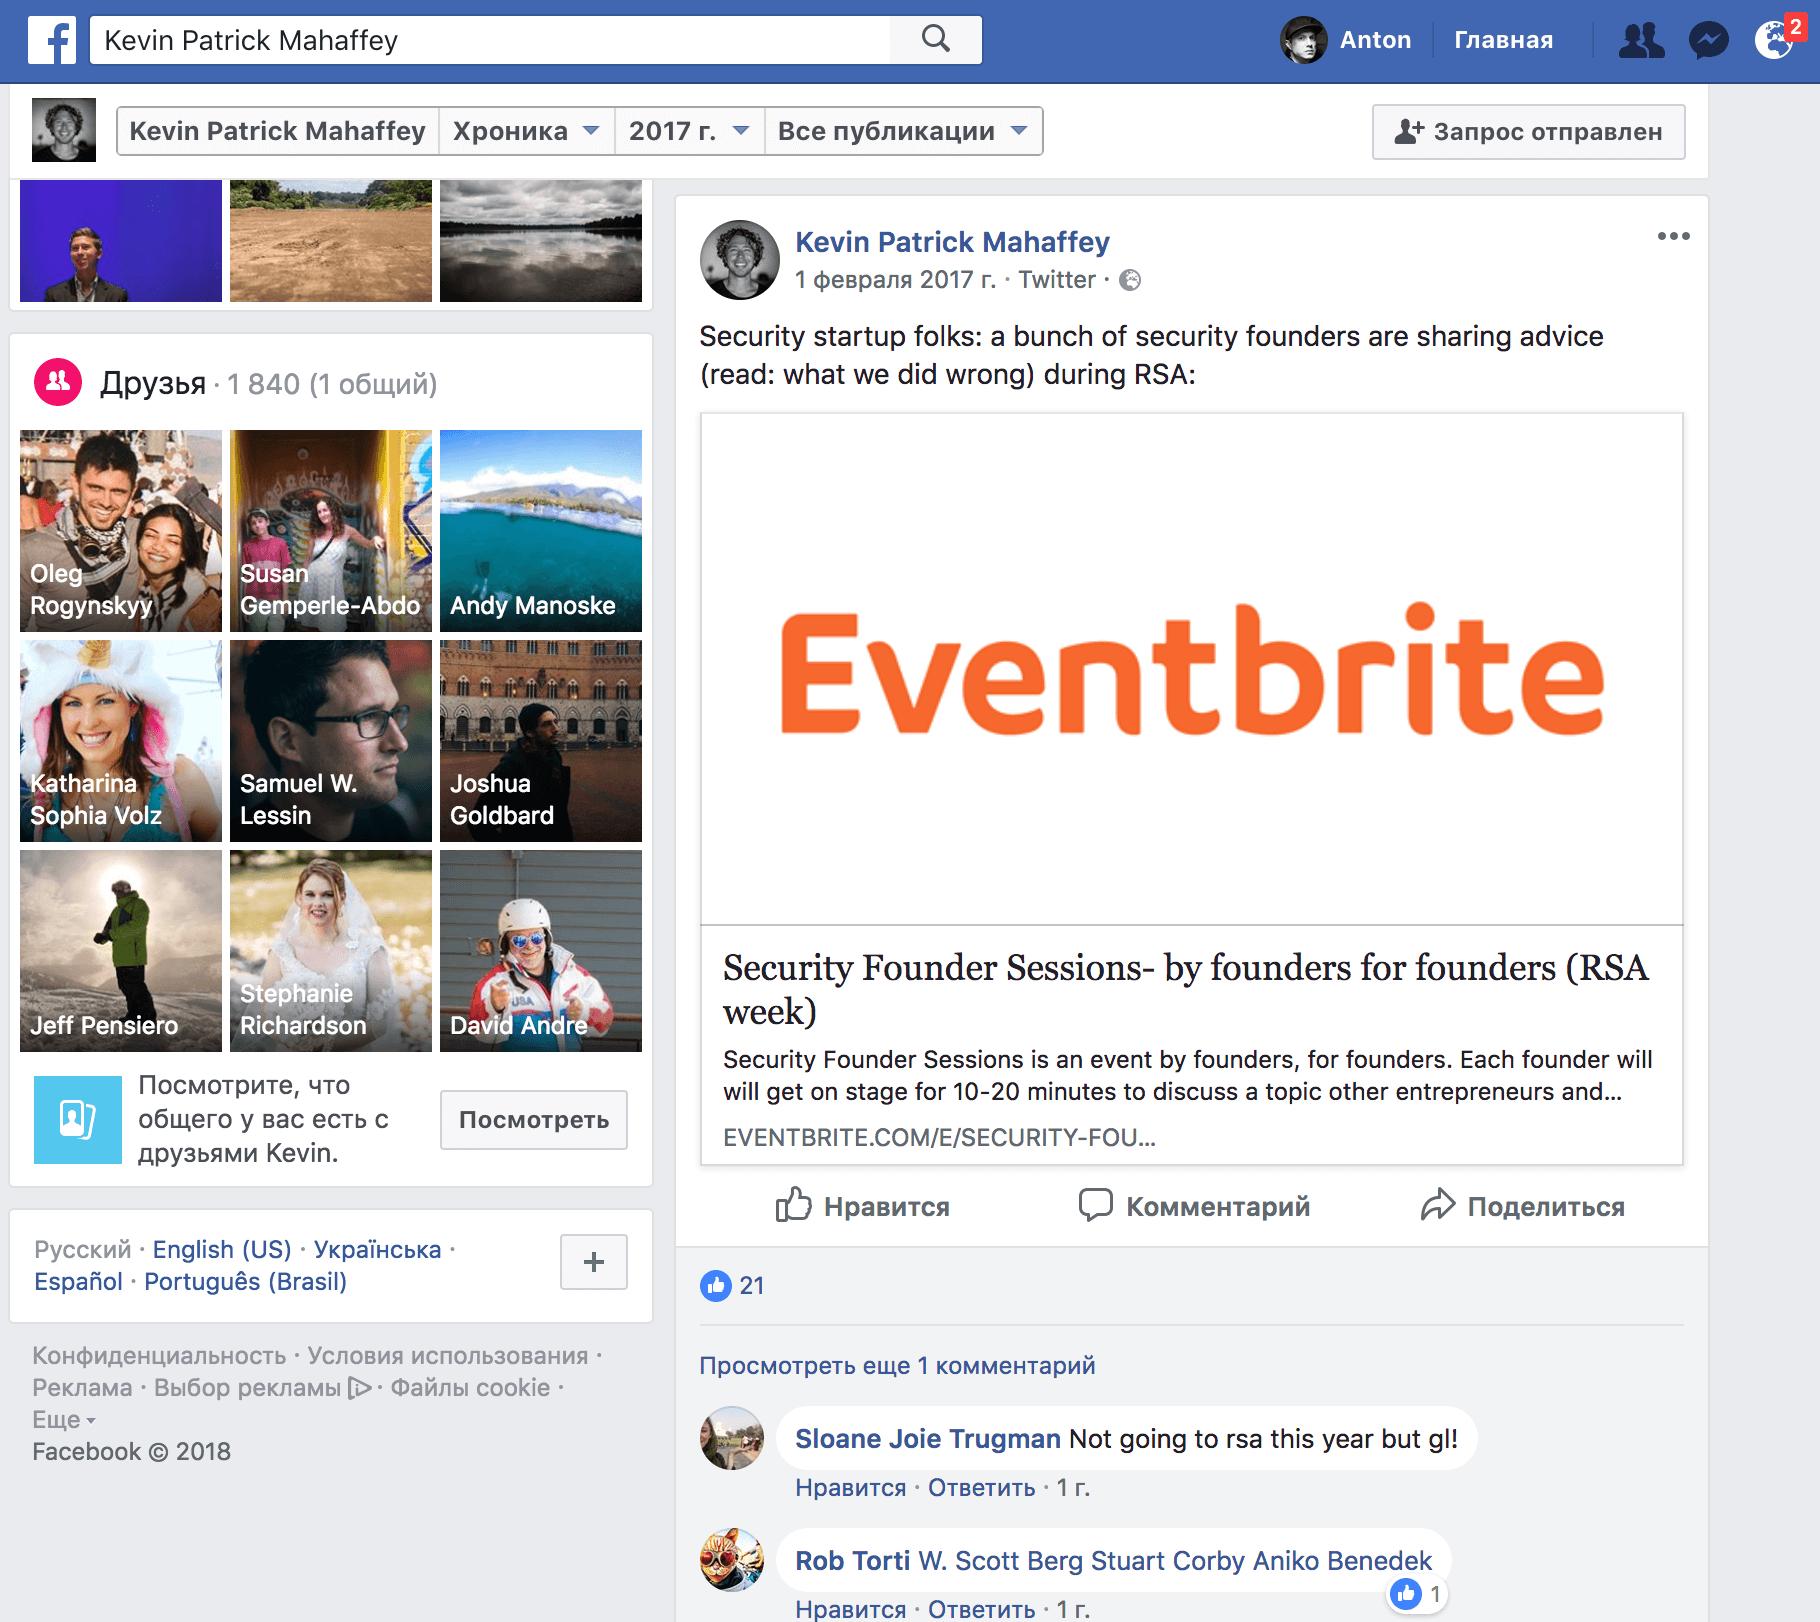 переписка с клиентом в Facebook